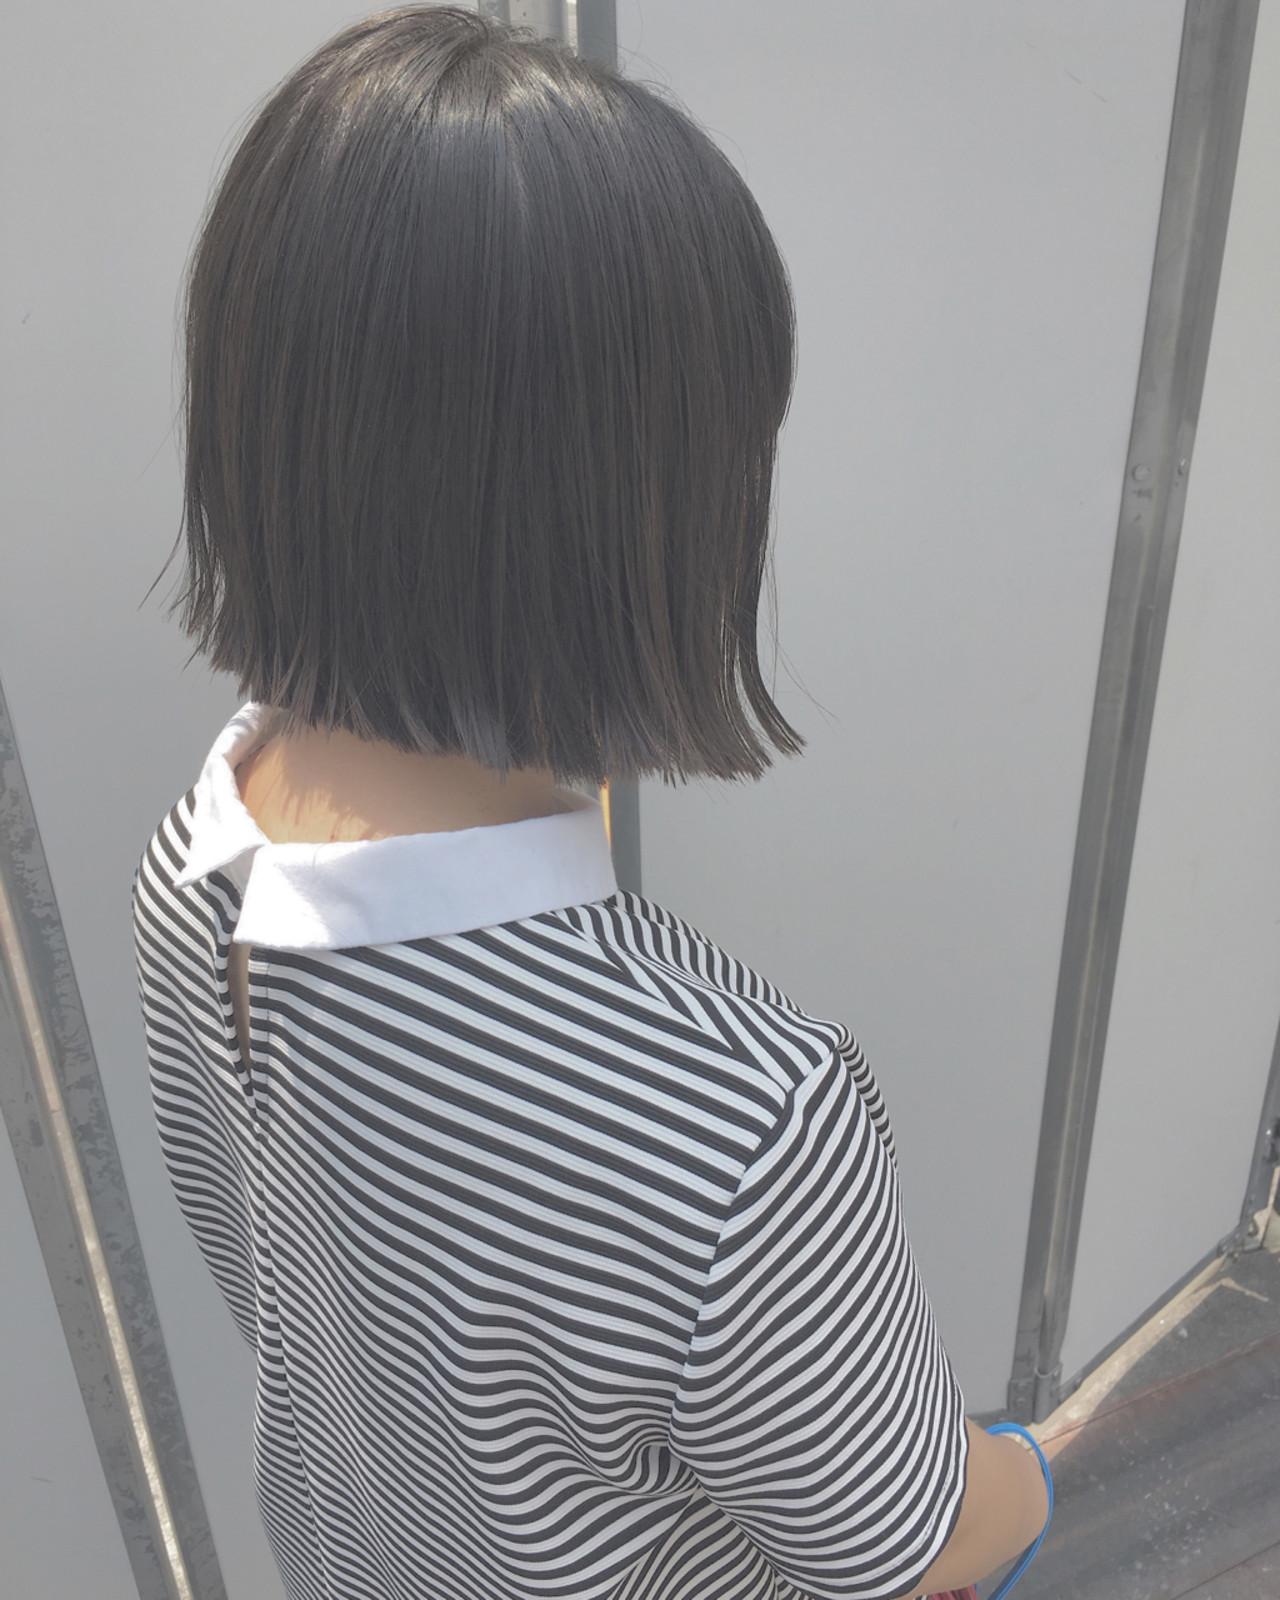 ナチュラル 透明感 グレージュ 黒髪 ヘアスタイルや髪型の写真・画像 | 菊地克喜 / CYANDELUCCA